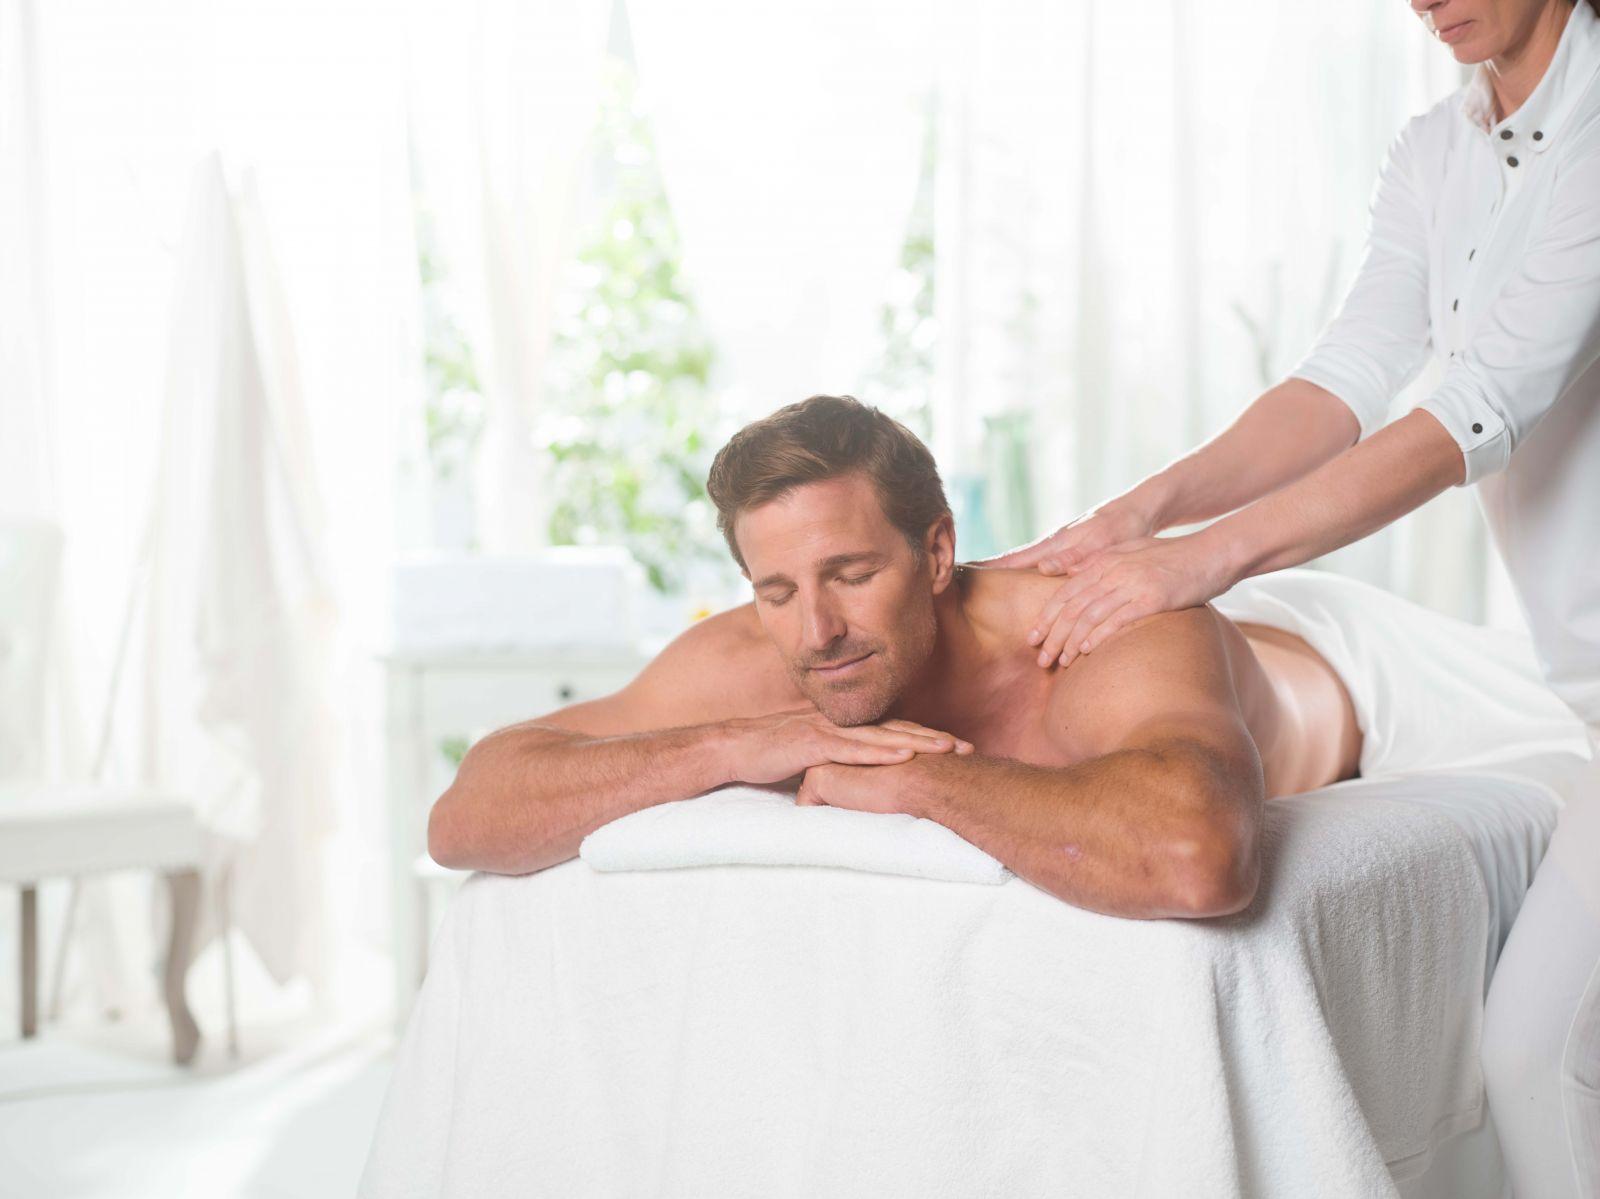 swedish massage therapy at elements massage